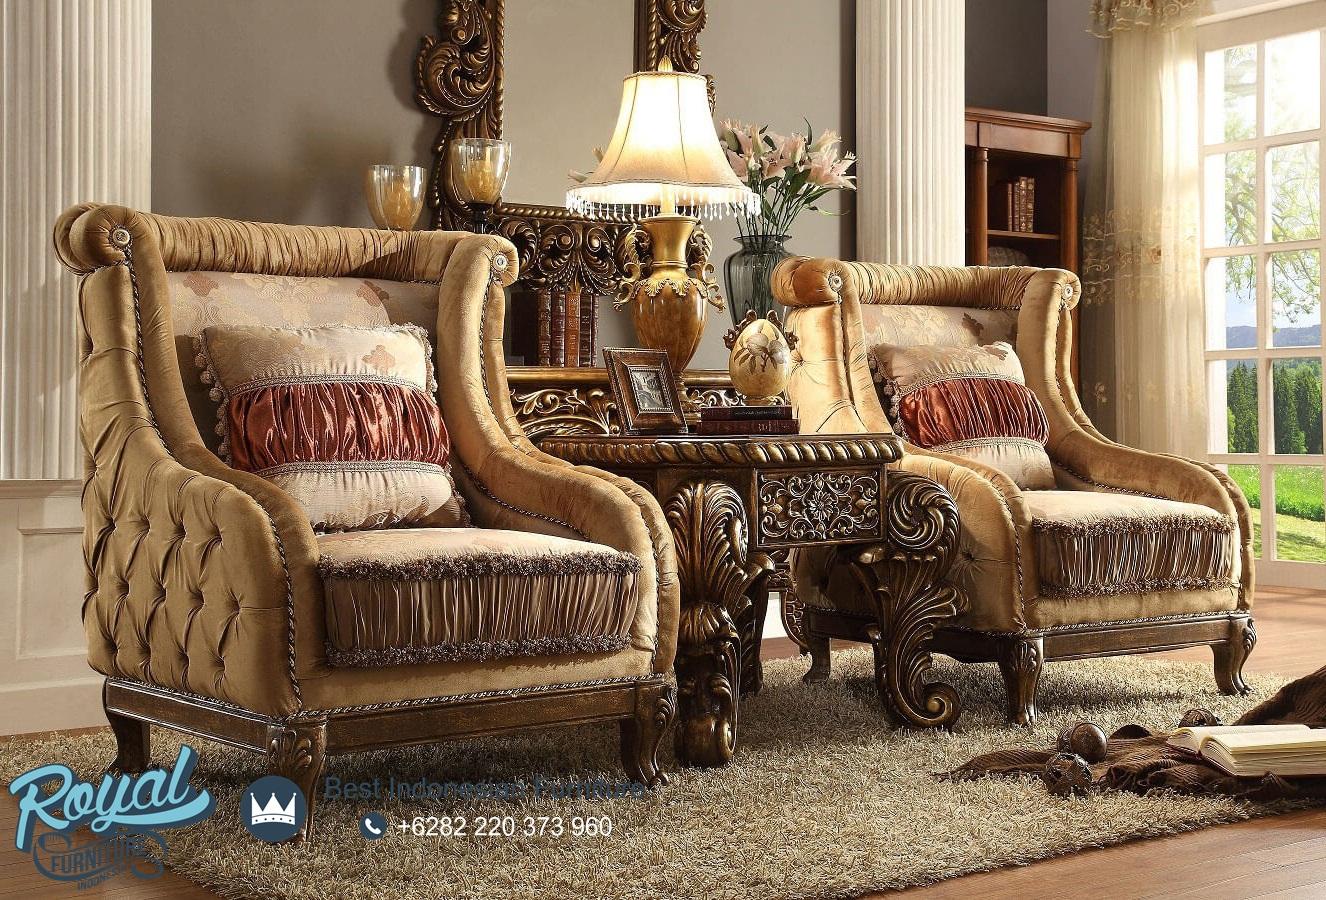 Set Sofa Tamu Mewah Ukiran Klasik Jepara Vienna Mansion Chair, Set Sofa Tamu Terbaru,Set Sofa Tamu Mewah , Set Sofa tamu klasik, Furniture Sofa Tamu Minimalis, Furniture Sofa Tamu, Gambar Sofa Tamu, Harga Sofa Tamu Mewah, Kursi Sofa Tamu Mewah, Kursi Sofa Tamu Minimalis, Set Sofa Tamu Mewah, Sofa Kursi Tamu Jepara, Sofa Mewah Ruang Tamu, Sofa Ruang Tamu Elegan, Sofa Ruang Tamu Jati, Sofa Ruang Tamu Jepara, Sofa Ruang Tamu Mewah, Sofa Tamu Jati, Sofa Tamu Jati Jepara, Sofa Tamu Jati Minimalis, Sofa Tamu Jepara, Sofa Tamu Klasik, Sofa Tamu L Minimalis, Sofa Tamu Mewah, Sofa Tamu Mewah Klasik, Sofa Tamu Minimalis, Sofa Tamu Minimalis Jati, Sofa Tamu Minimalis Mewah, Sofa Tamu Minimalis Modern, Sofa Tamu Minimalis Murah, Sofa Tamu Minimalis Terbaru, Sofa Tamu Modern, Sofa Tamu Murah, Sofa Tamu Set Minimalis, Sofa Tamu Sudut Minimalis, Sofa Tamu Ukir Mewah, Sofa Tamu Ukiran Jepara,Royal Furniture